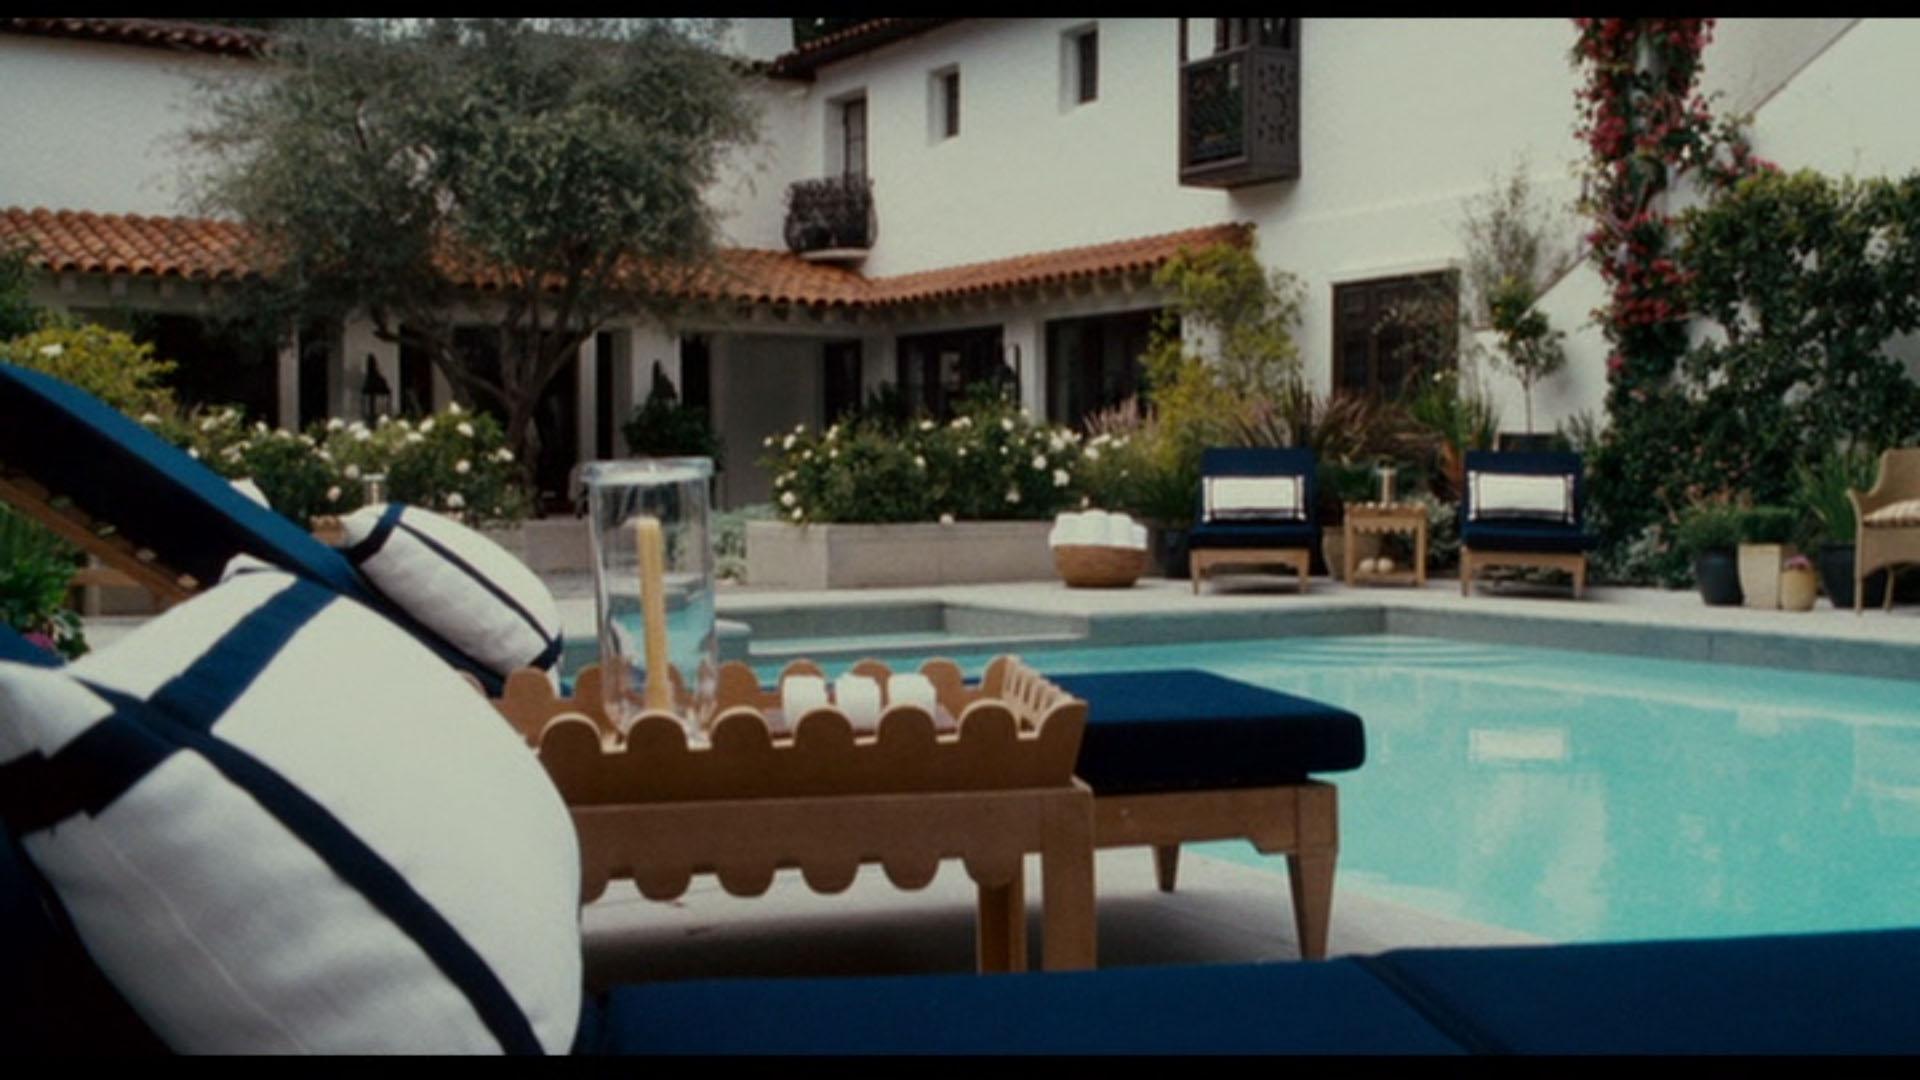 Filme Dentro Da Casa with inspiração: o amor não tira férias - 2ª parte - a casa que a minha